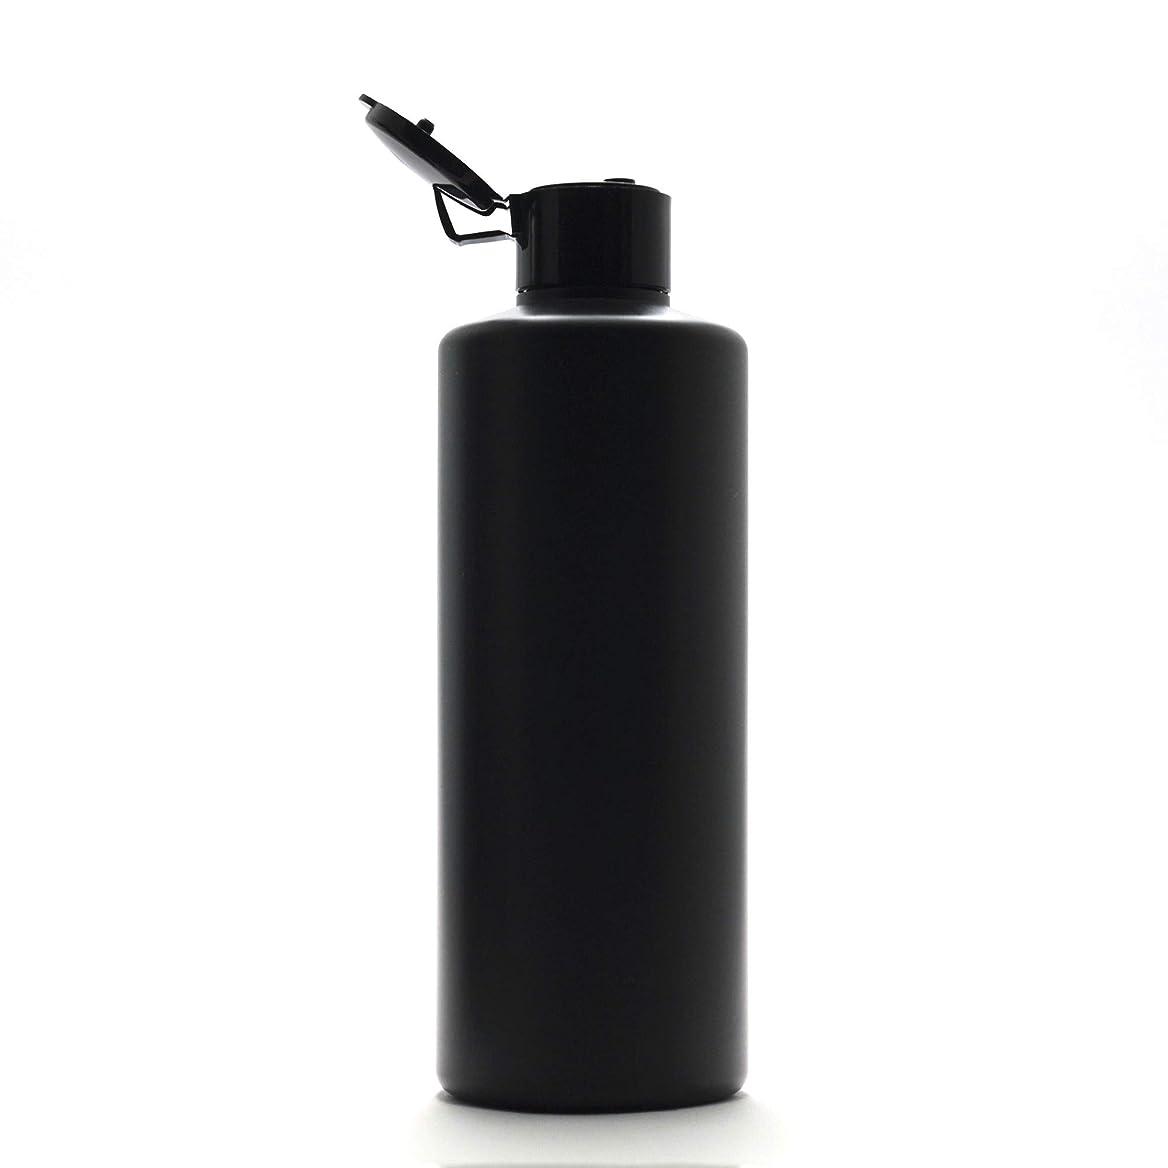 枕献身敷居プラスチック容器 300ml PE ストレートボトル [ ボトル: 遮光黒 / ヒンジキャプ:ブラック ※パッキン付き ]